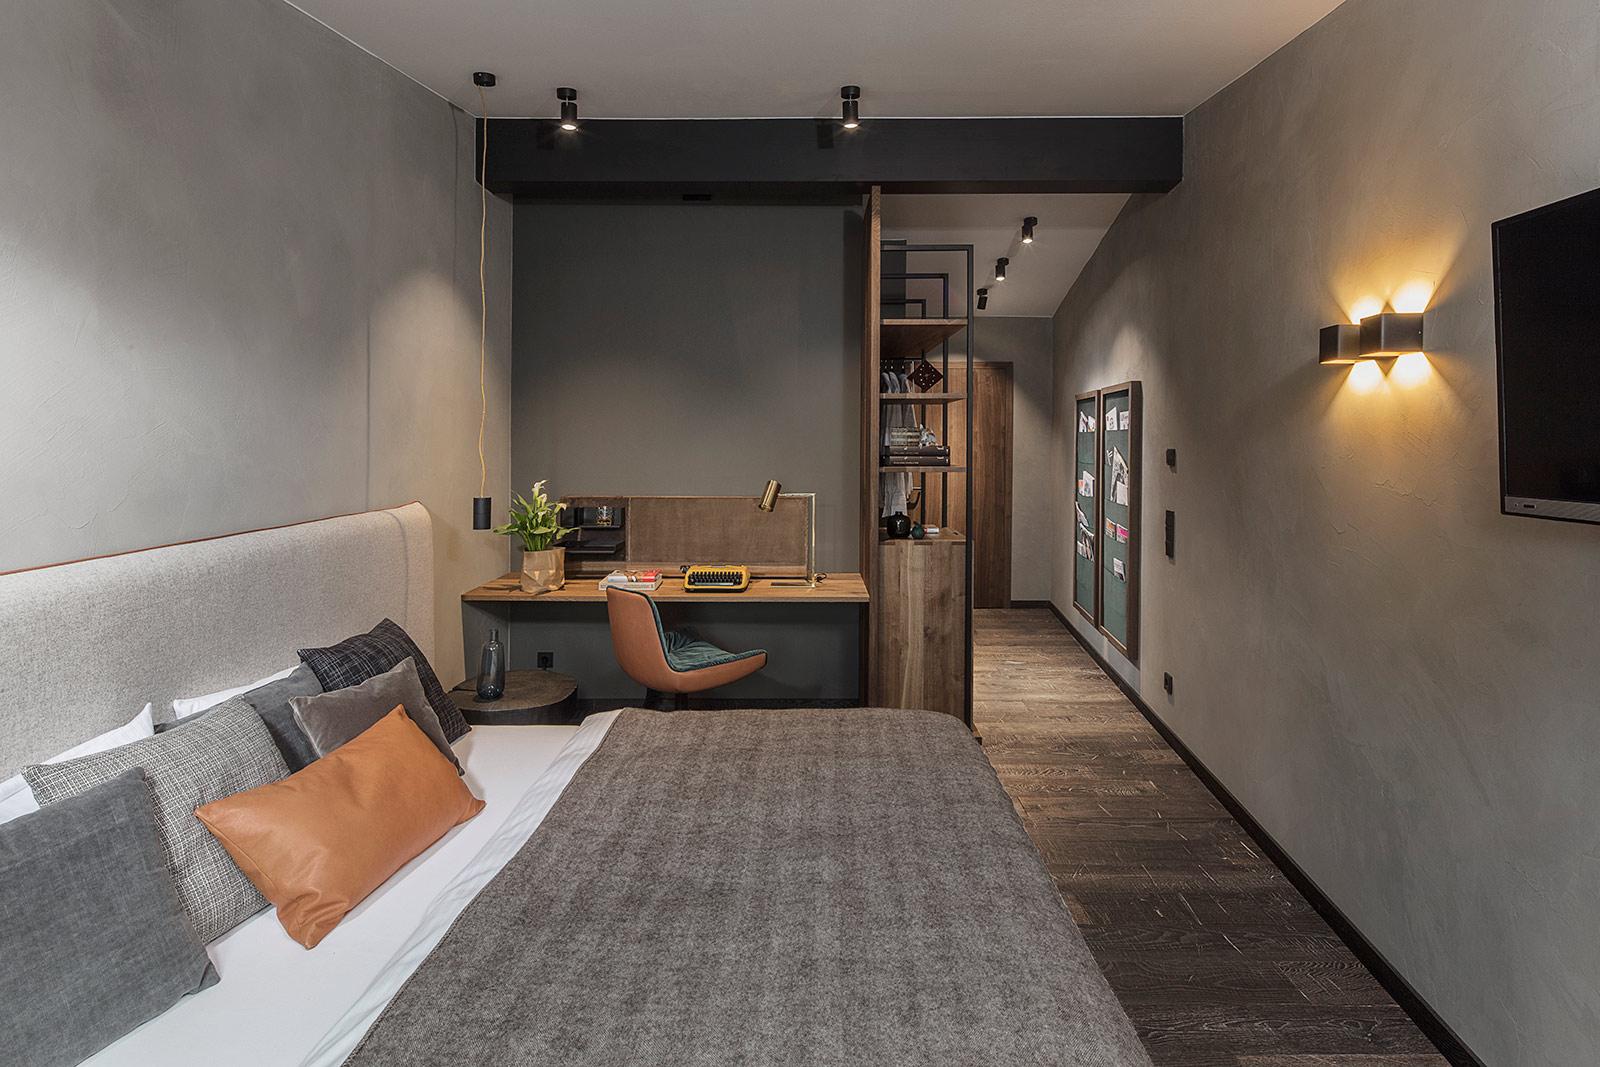 JANUA Möbel - professionelle Fotografie für Hotel und Interior